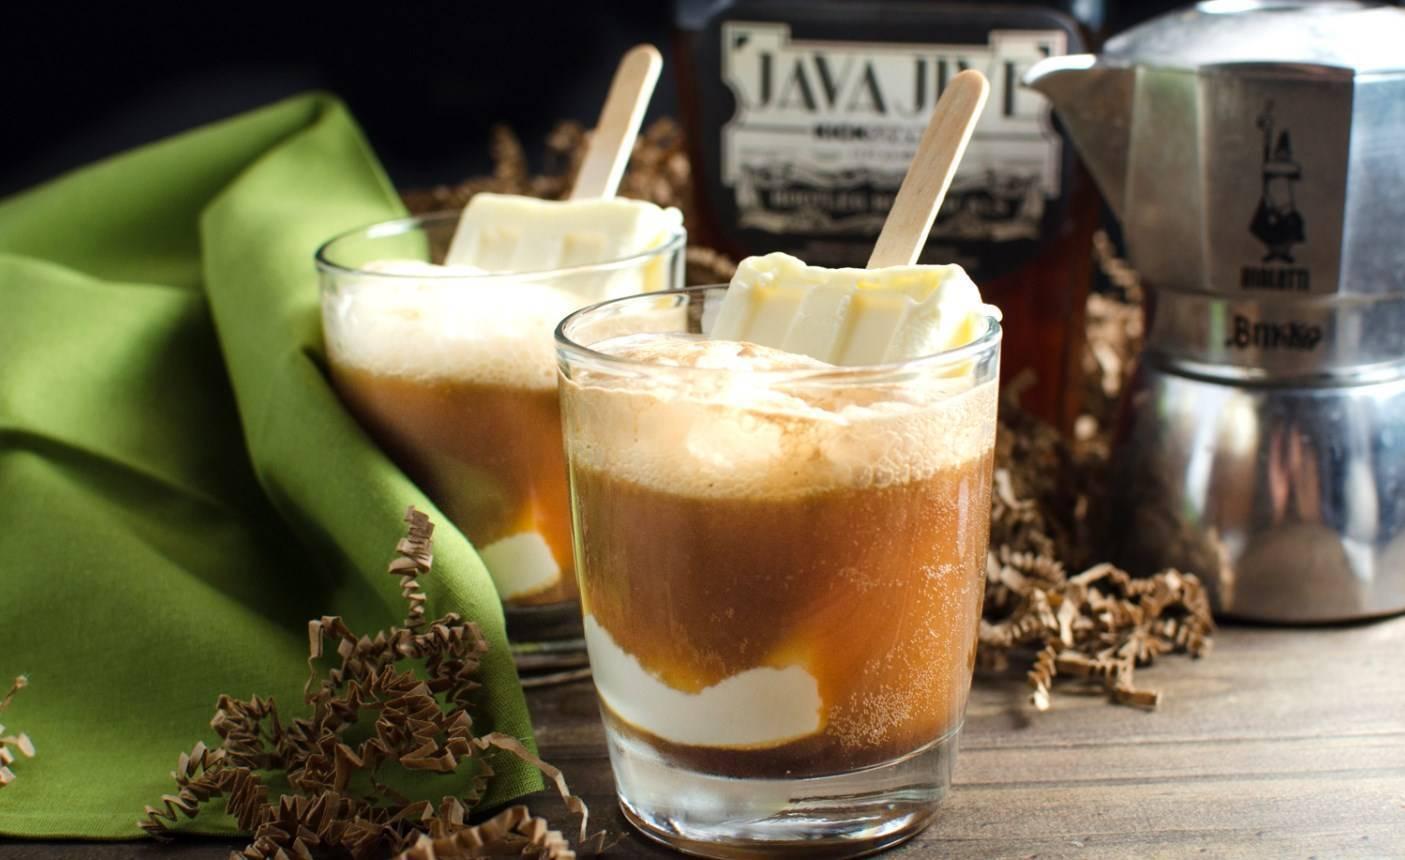 Коктейли с бейлисом: делаем коктейли правильно (советы барменов и фото-рецепты), простые домашние рецепты!